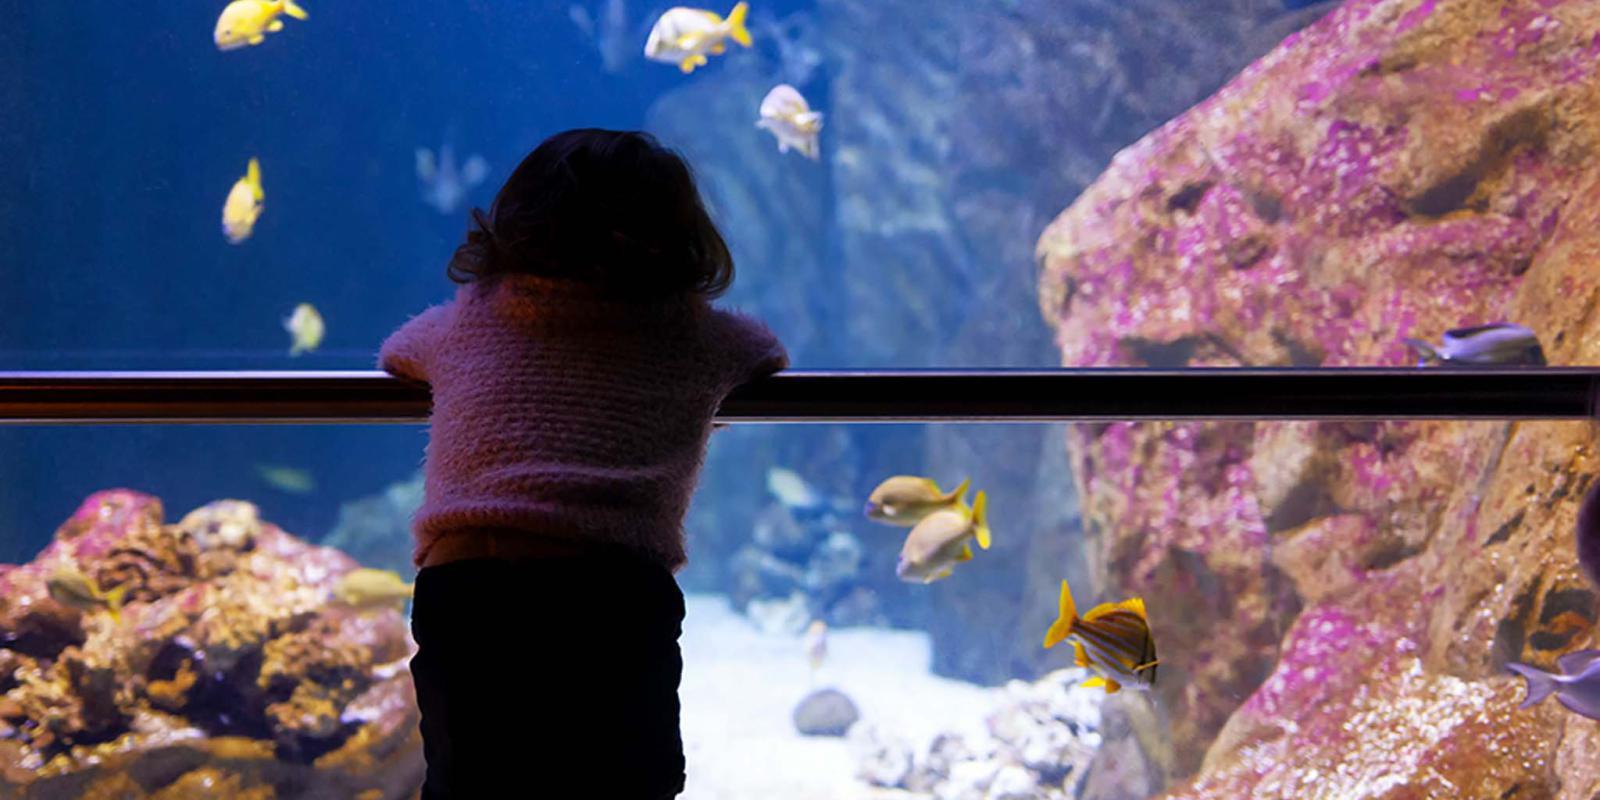 Gita in famiglia all'acquario di Livorno in Toscana